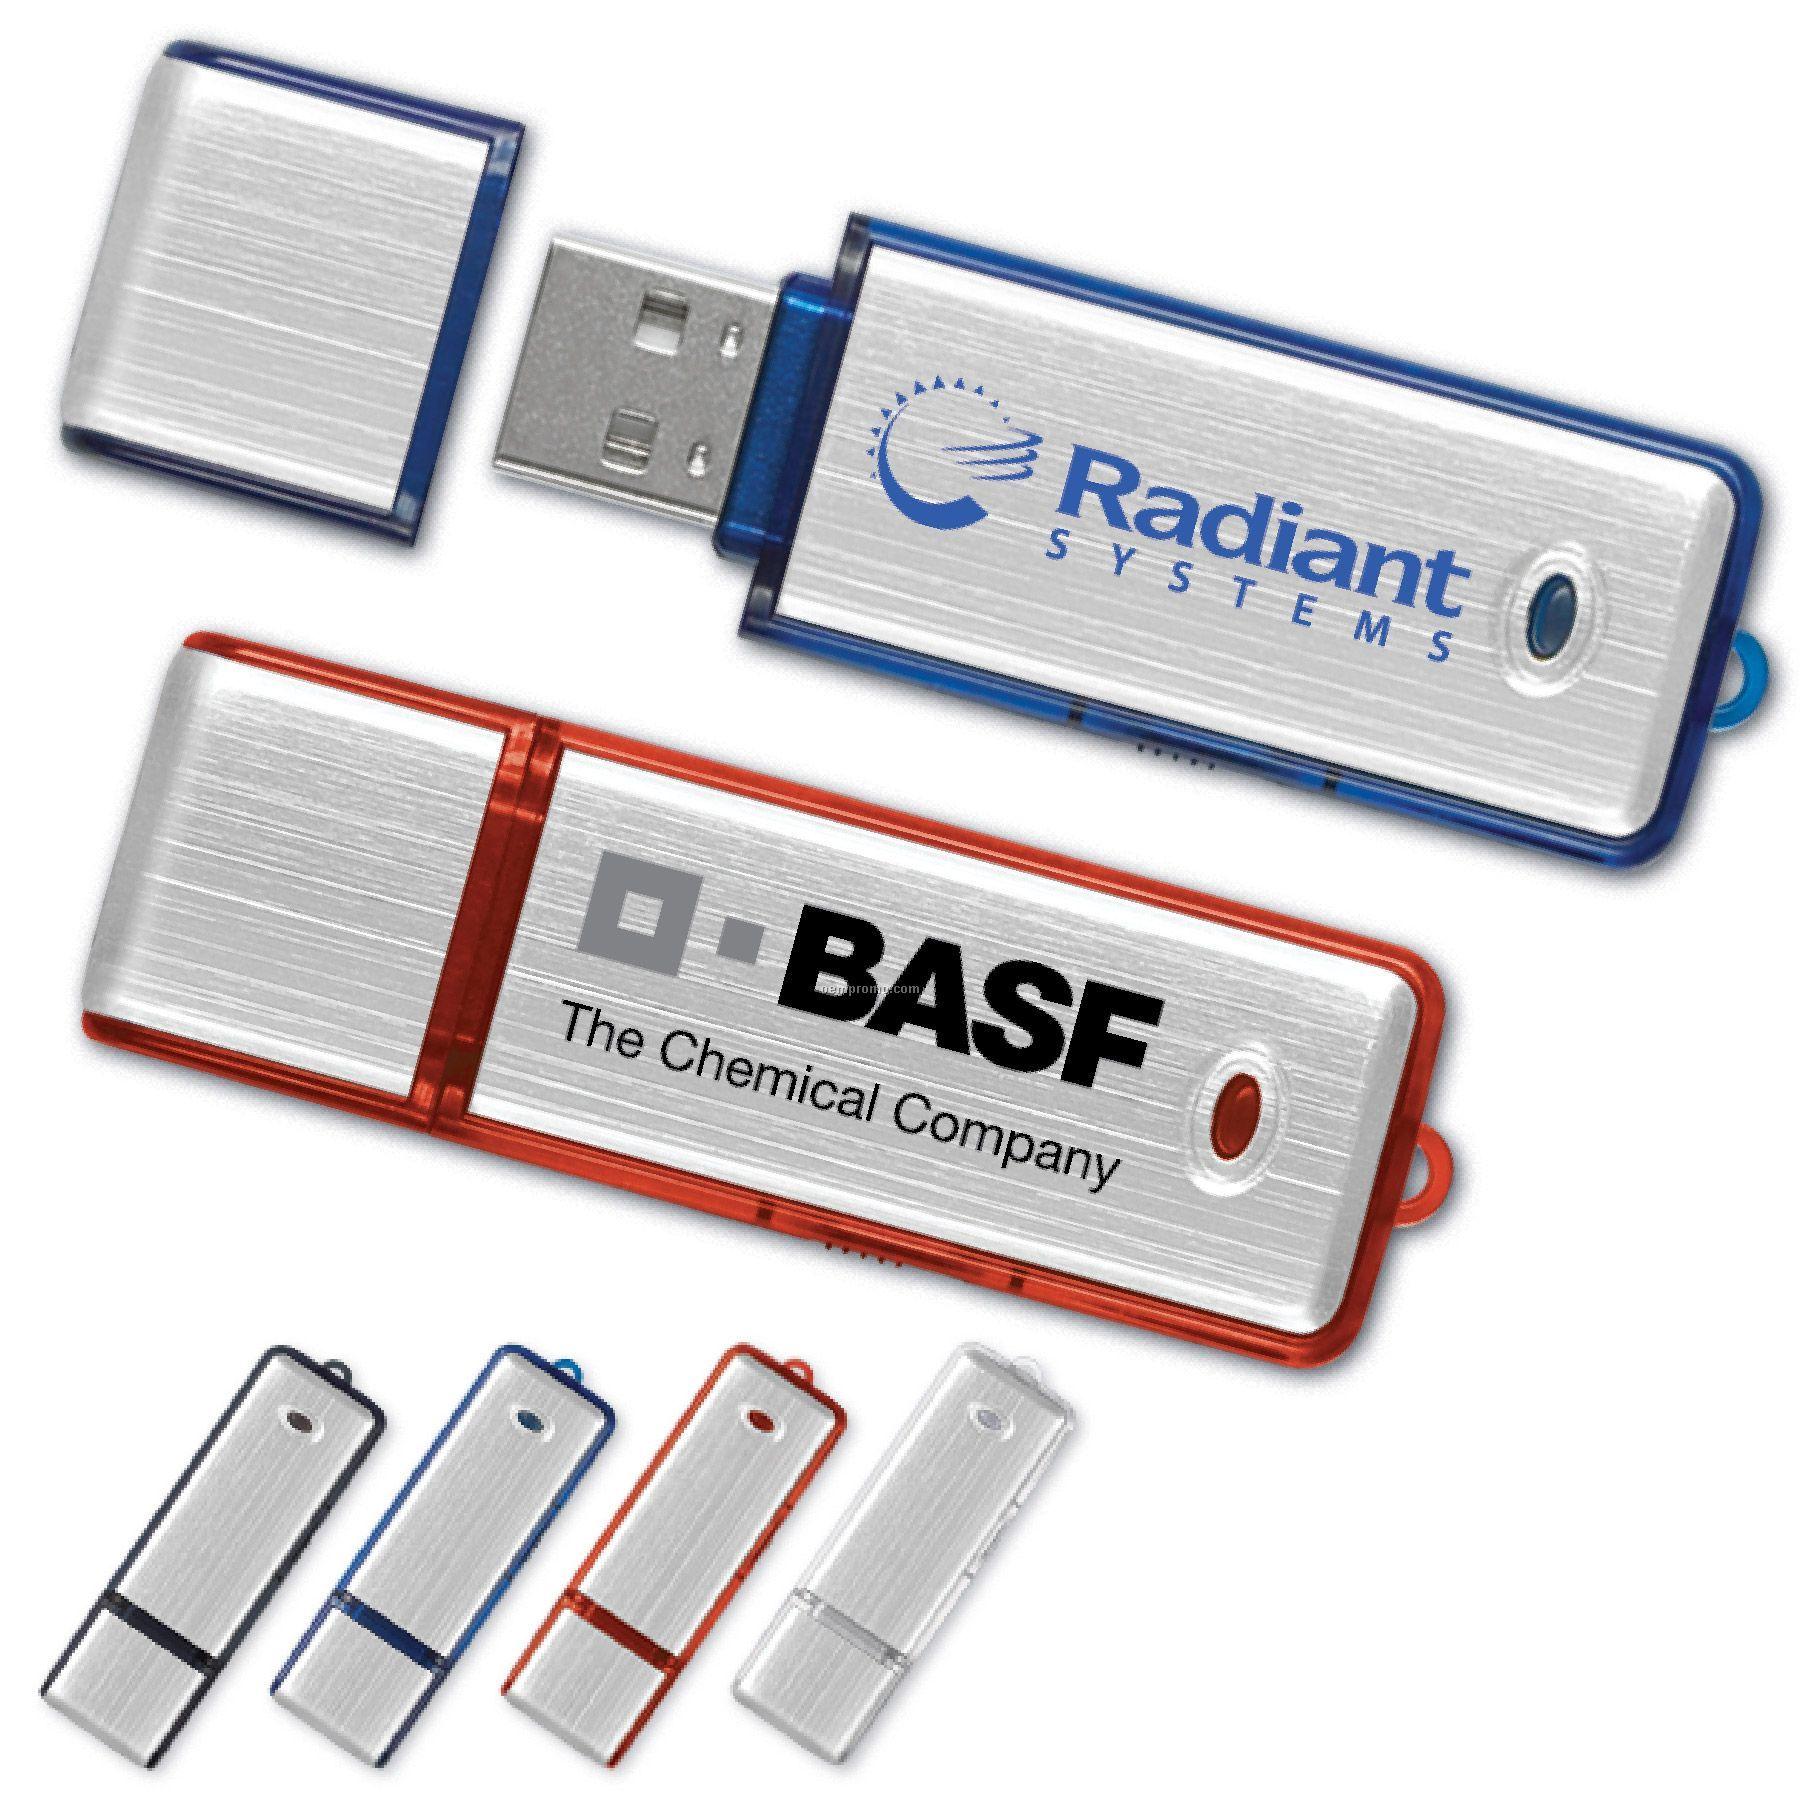 USB 2.0 Flash Drive Ml